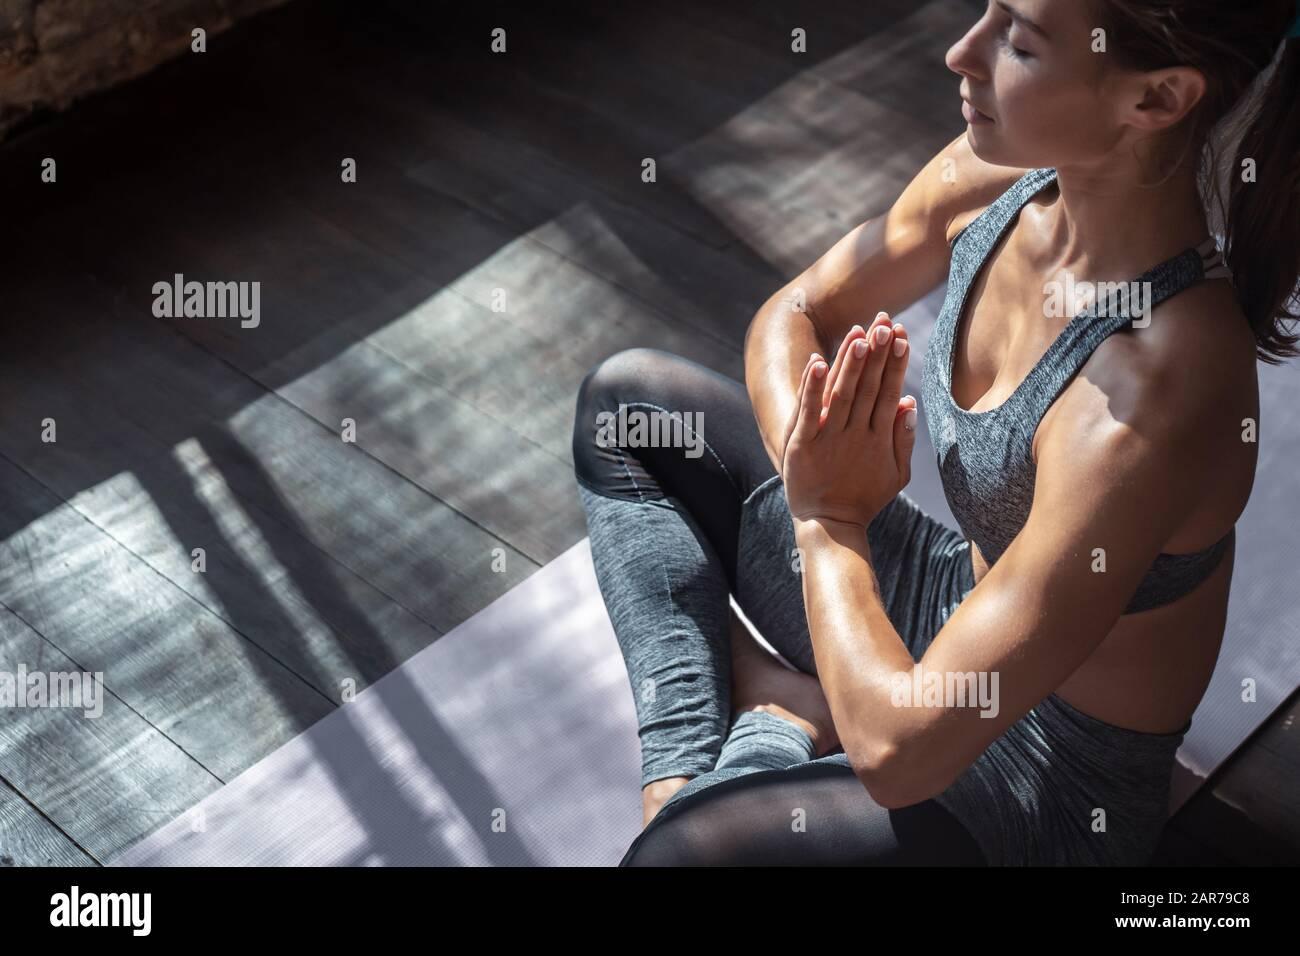 Calma ajuste mujer sana sentarse en la pose del loto hacer yoga medita interior, vista del primer plano Foto de stock